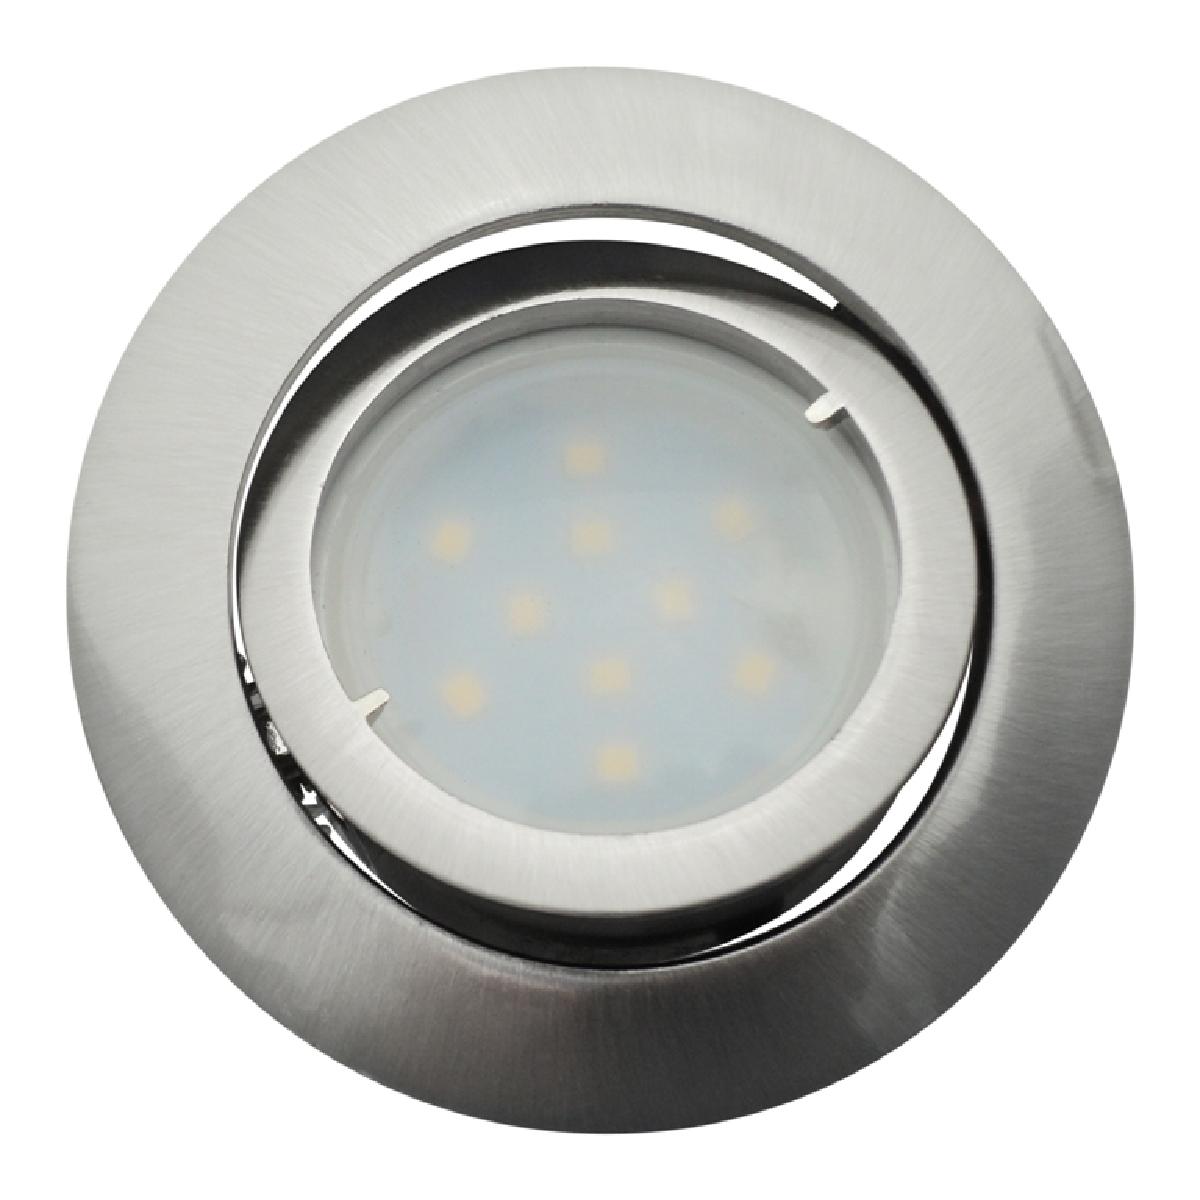 Eurobryte Lot de 12 Spot Led Encastrable Complete Satin Orientable lumière Blanc Chaud eq. 50W ref.209